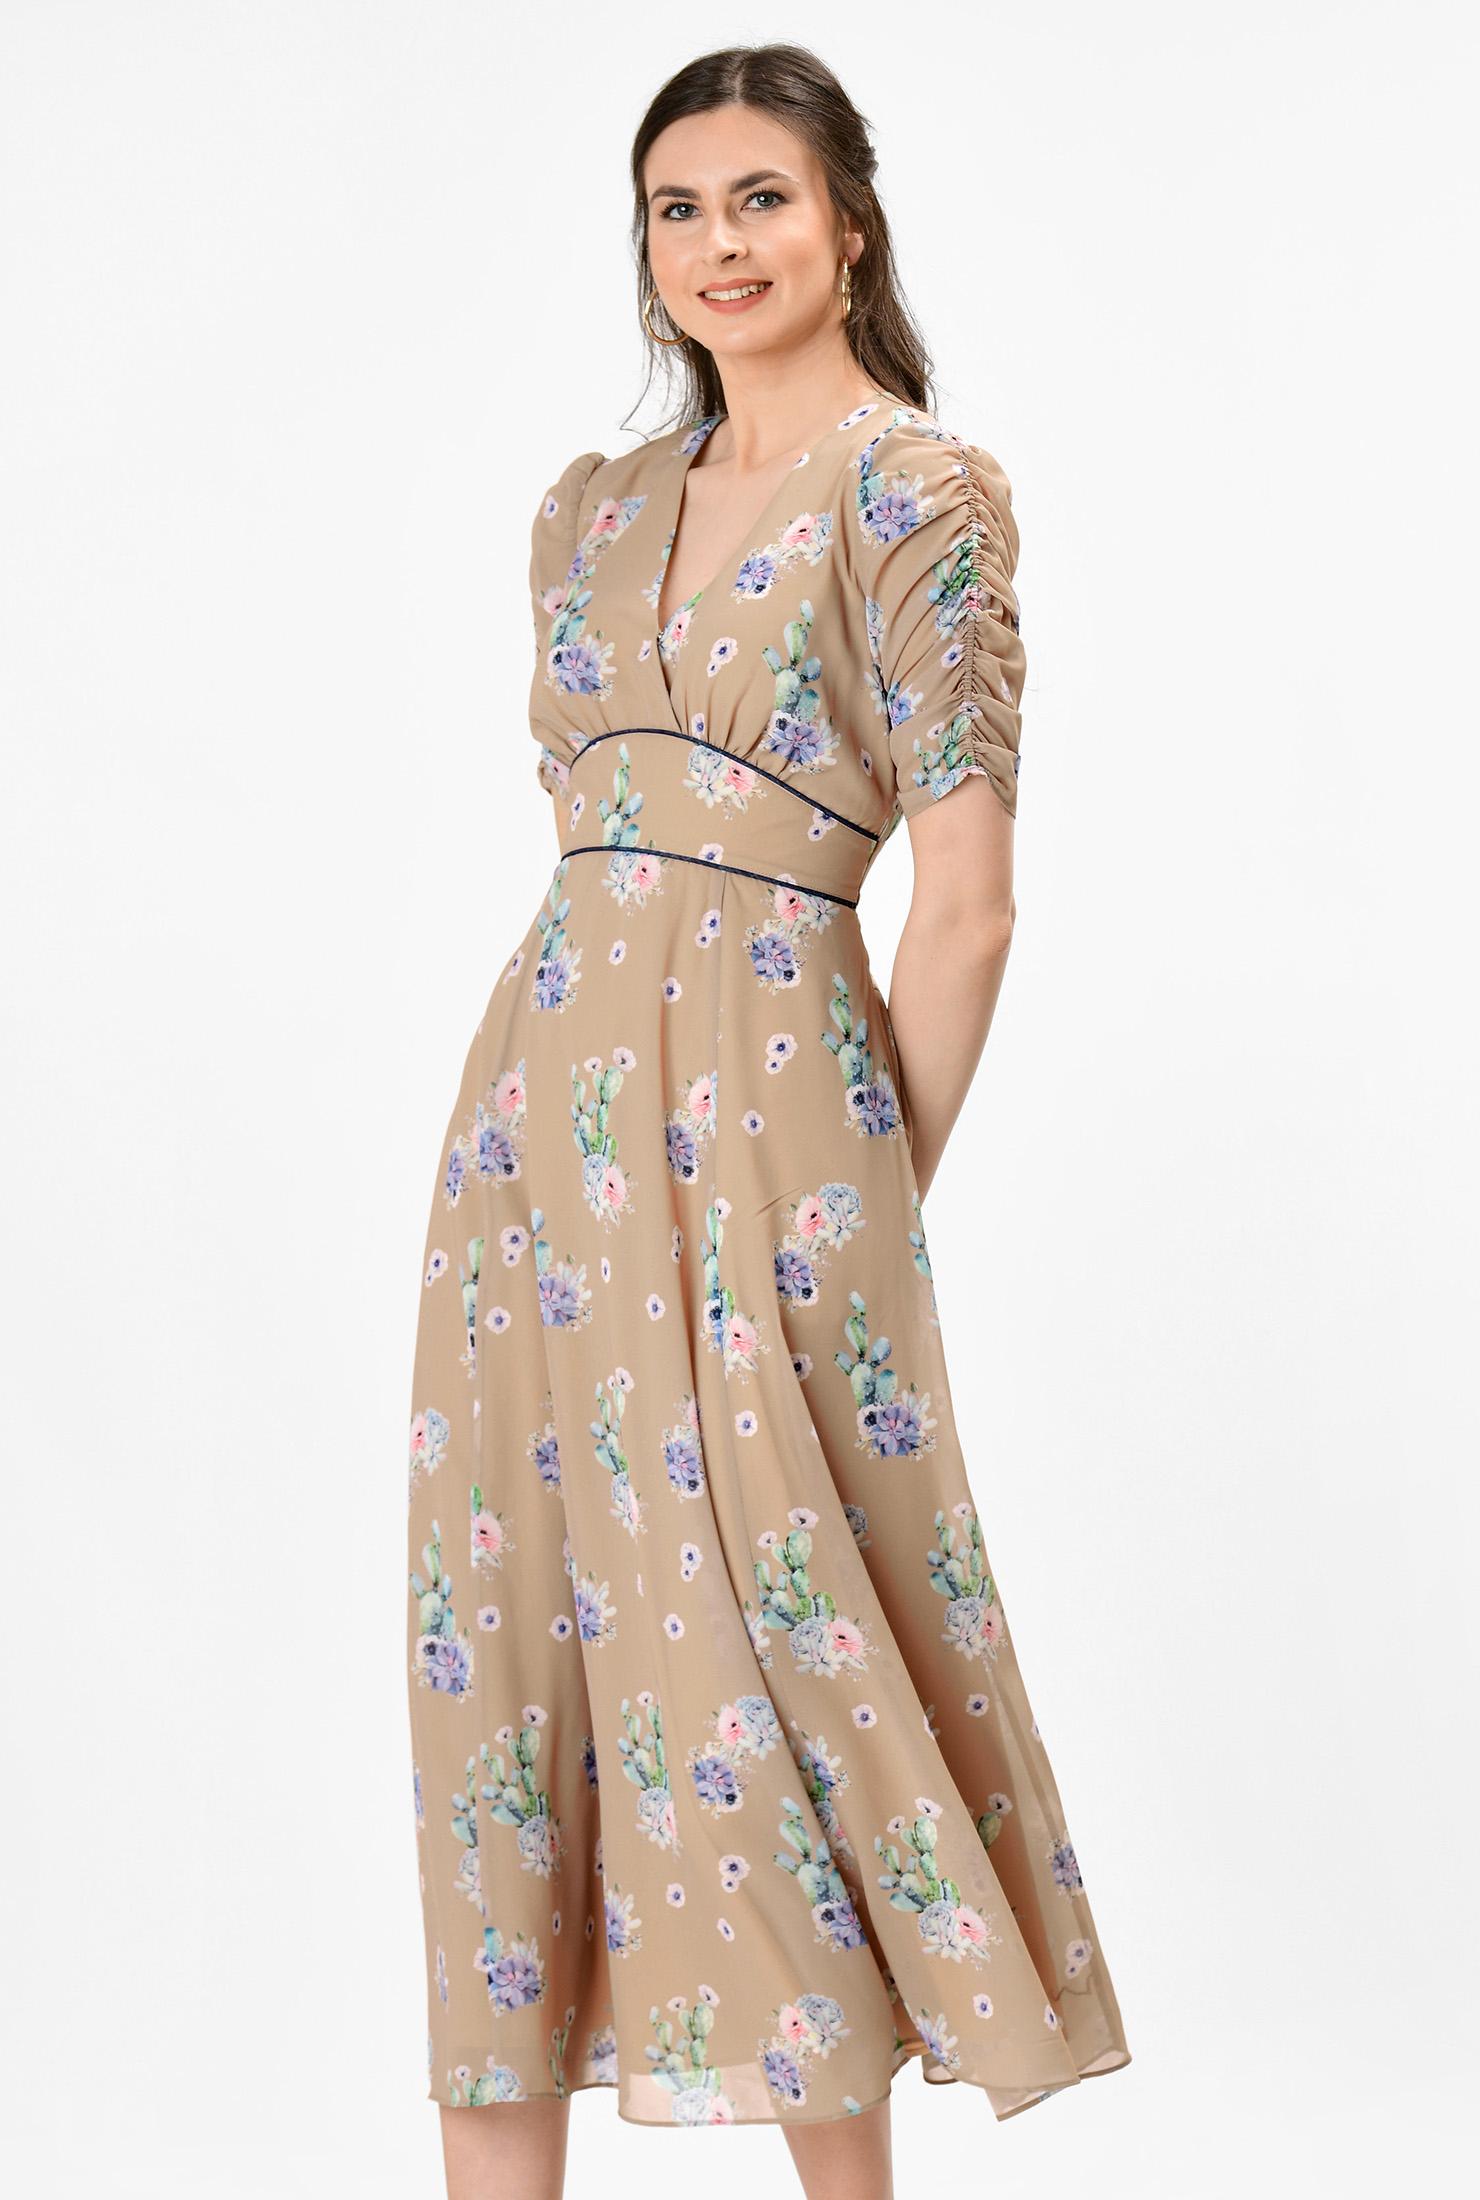 1930s Day Dresses, Tea Dresses, House Dresses Floral print banded empire georgette dress $69.95 AT vintagedancer.com